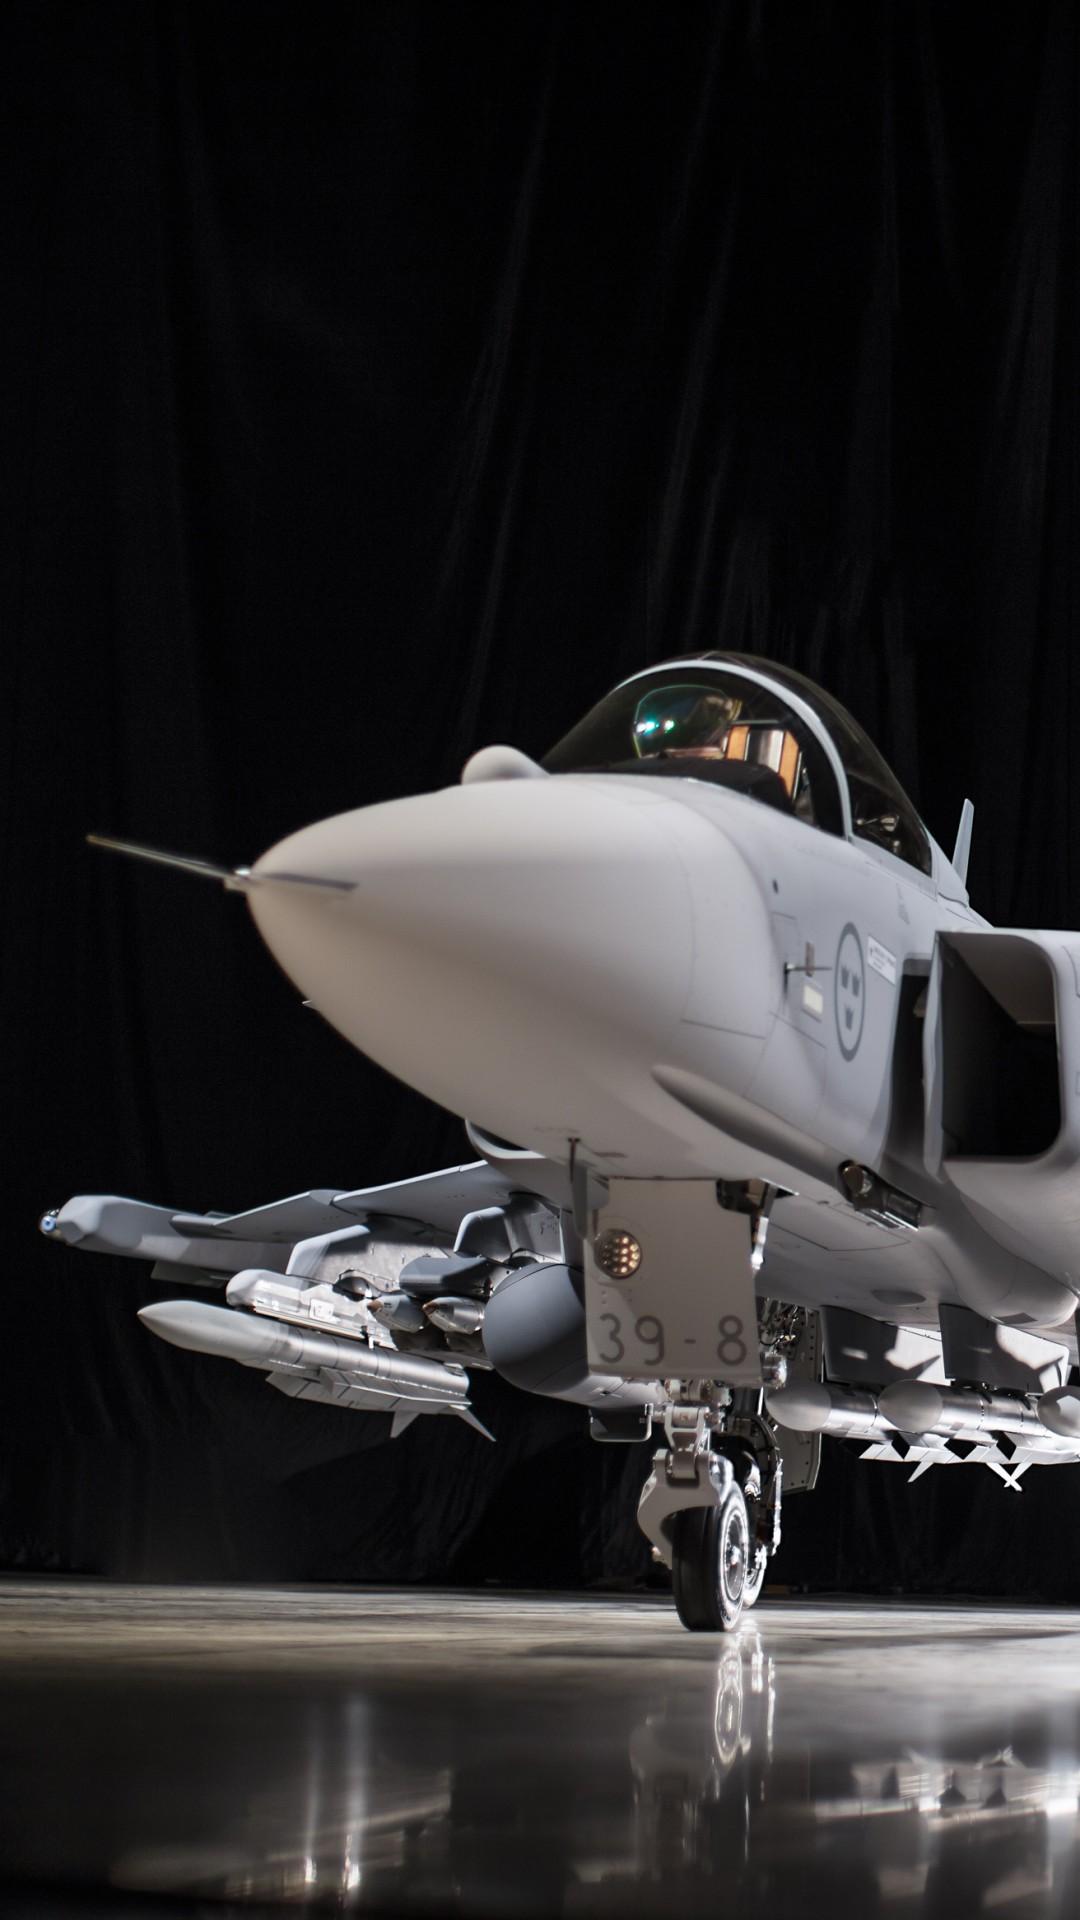 Wallpaper Jas 39e Gripen Fighter Aircraft Swedish Air